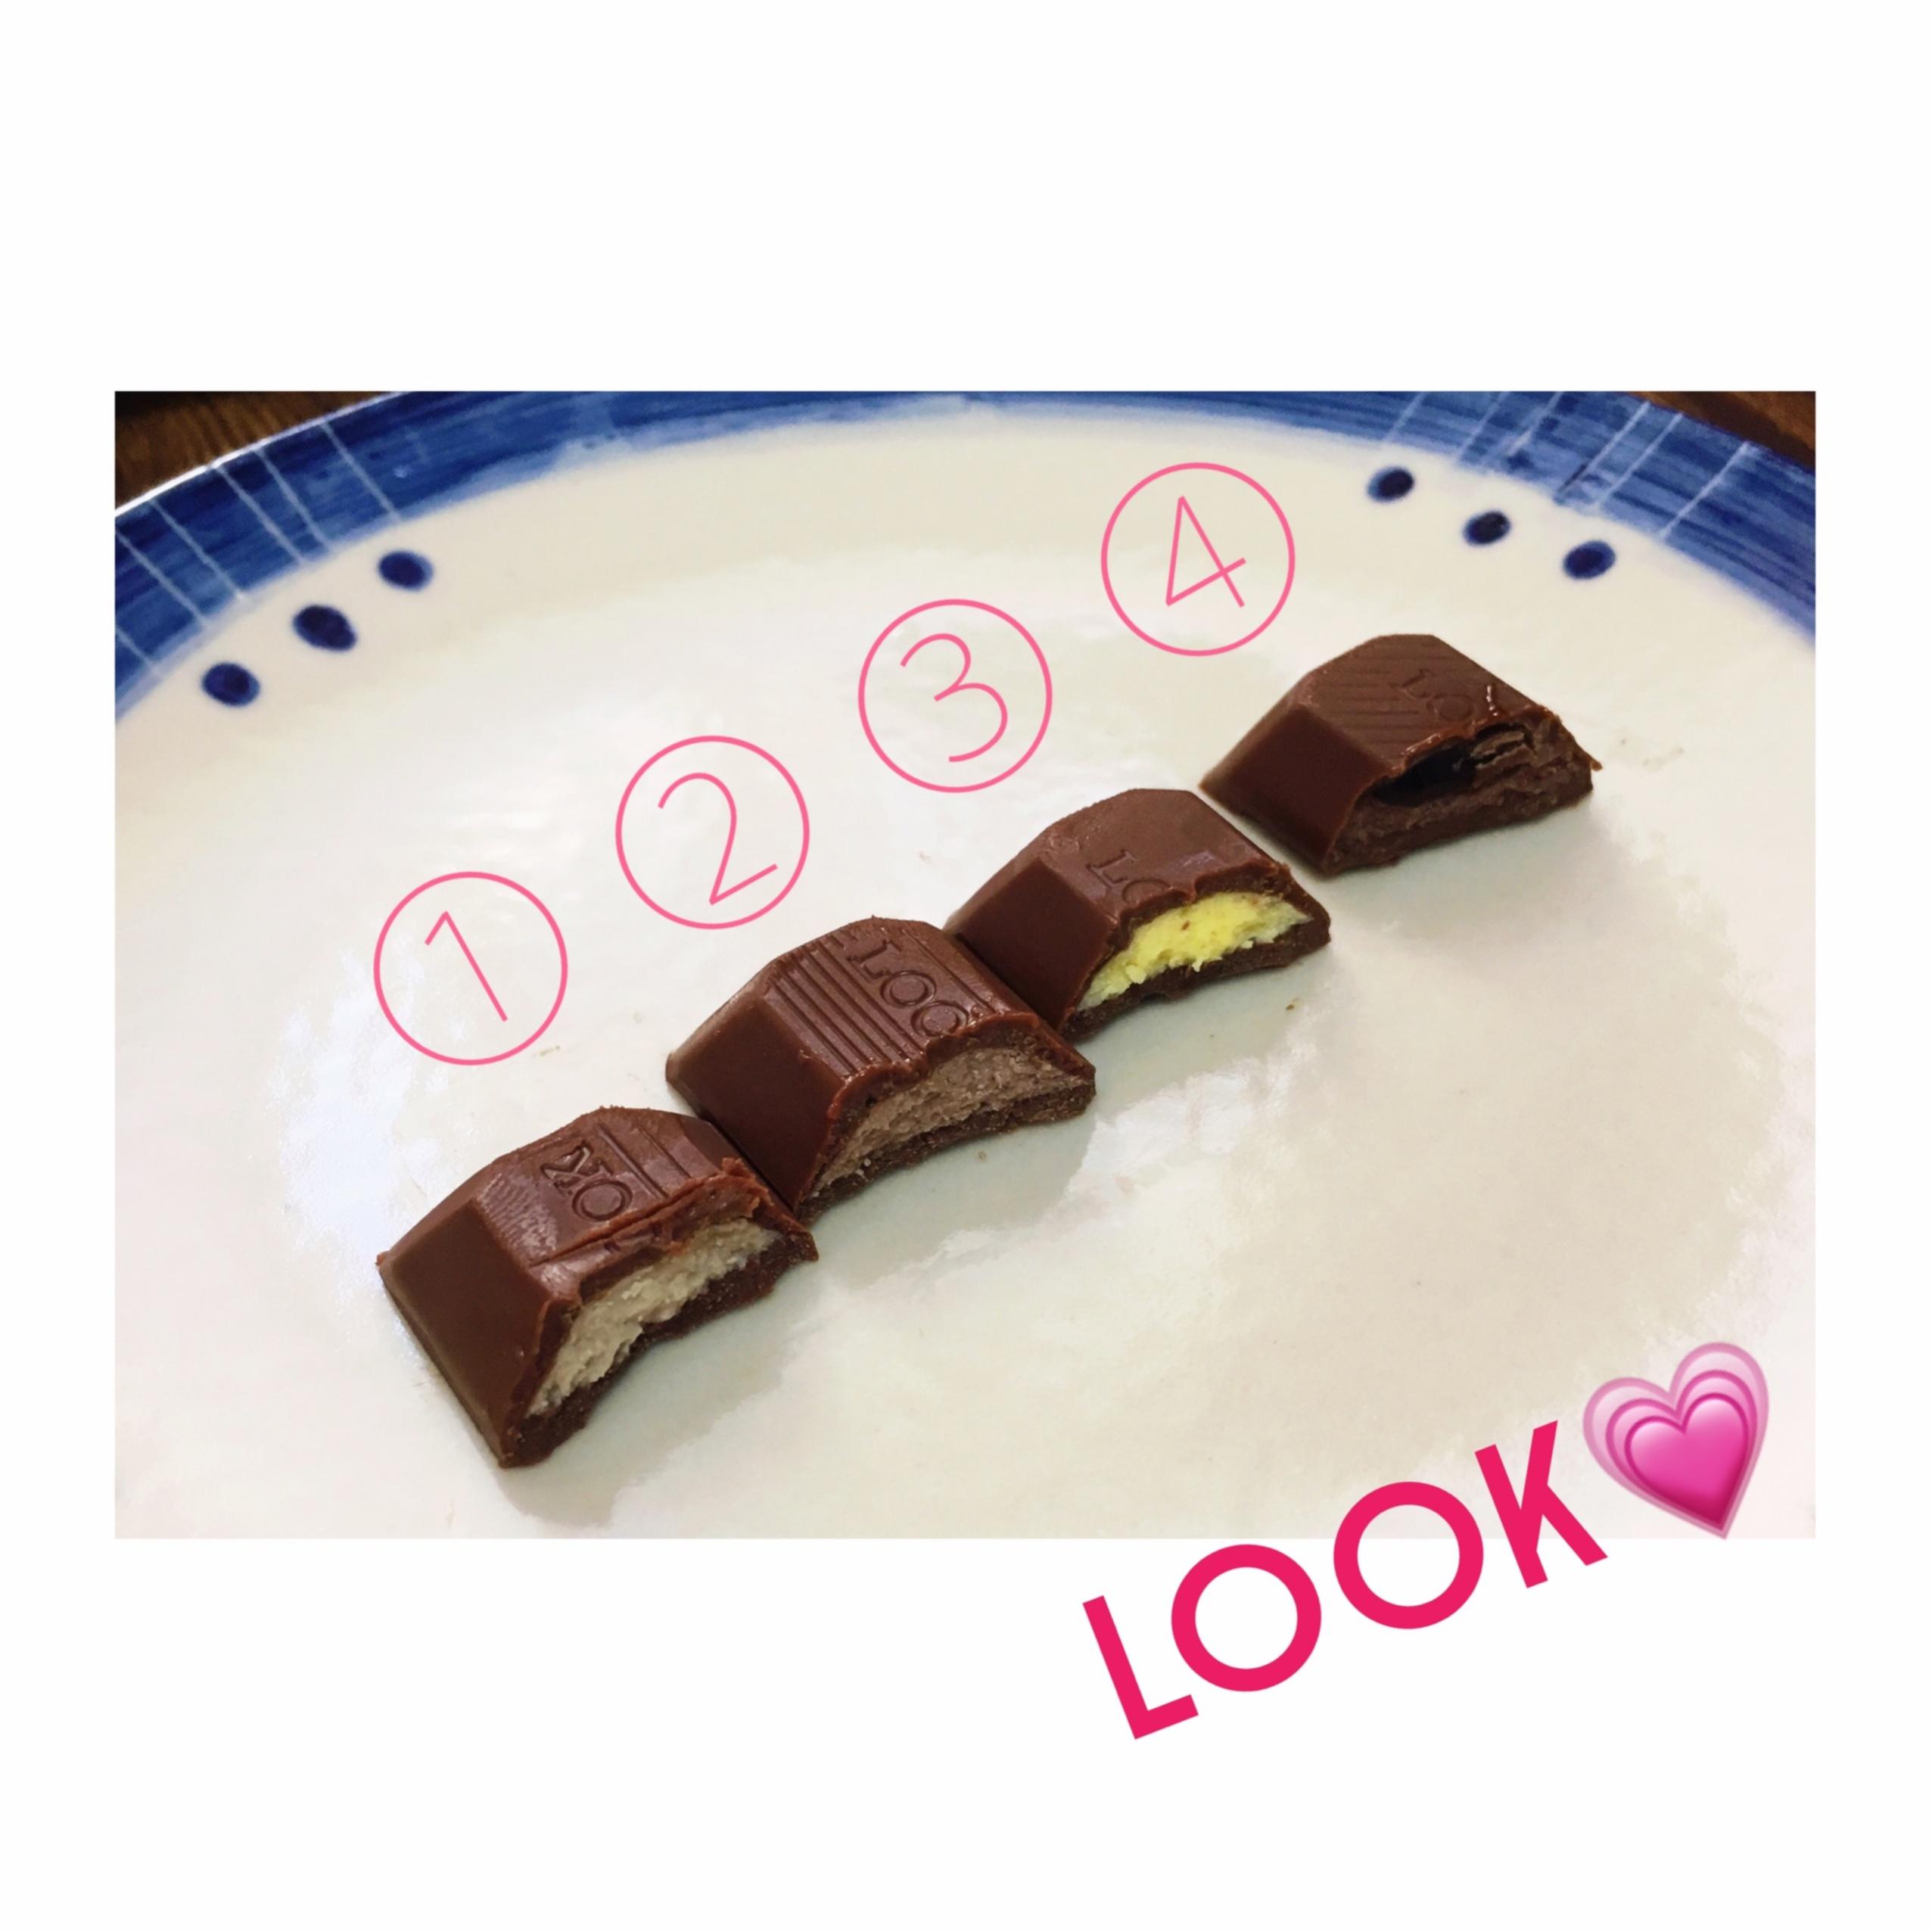 【コンビニスイーツ】《LOOK×シナモロールがコラボ!》不二家の期間限定チョコレートが可愛すぎる♡♡!_3